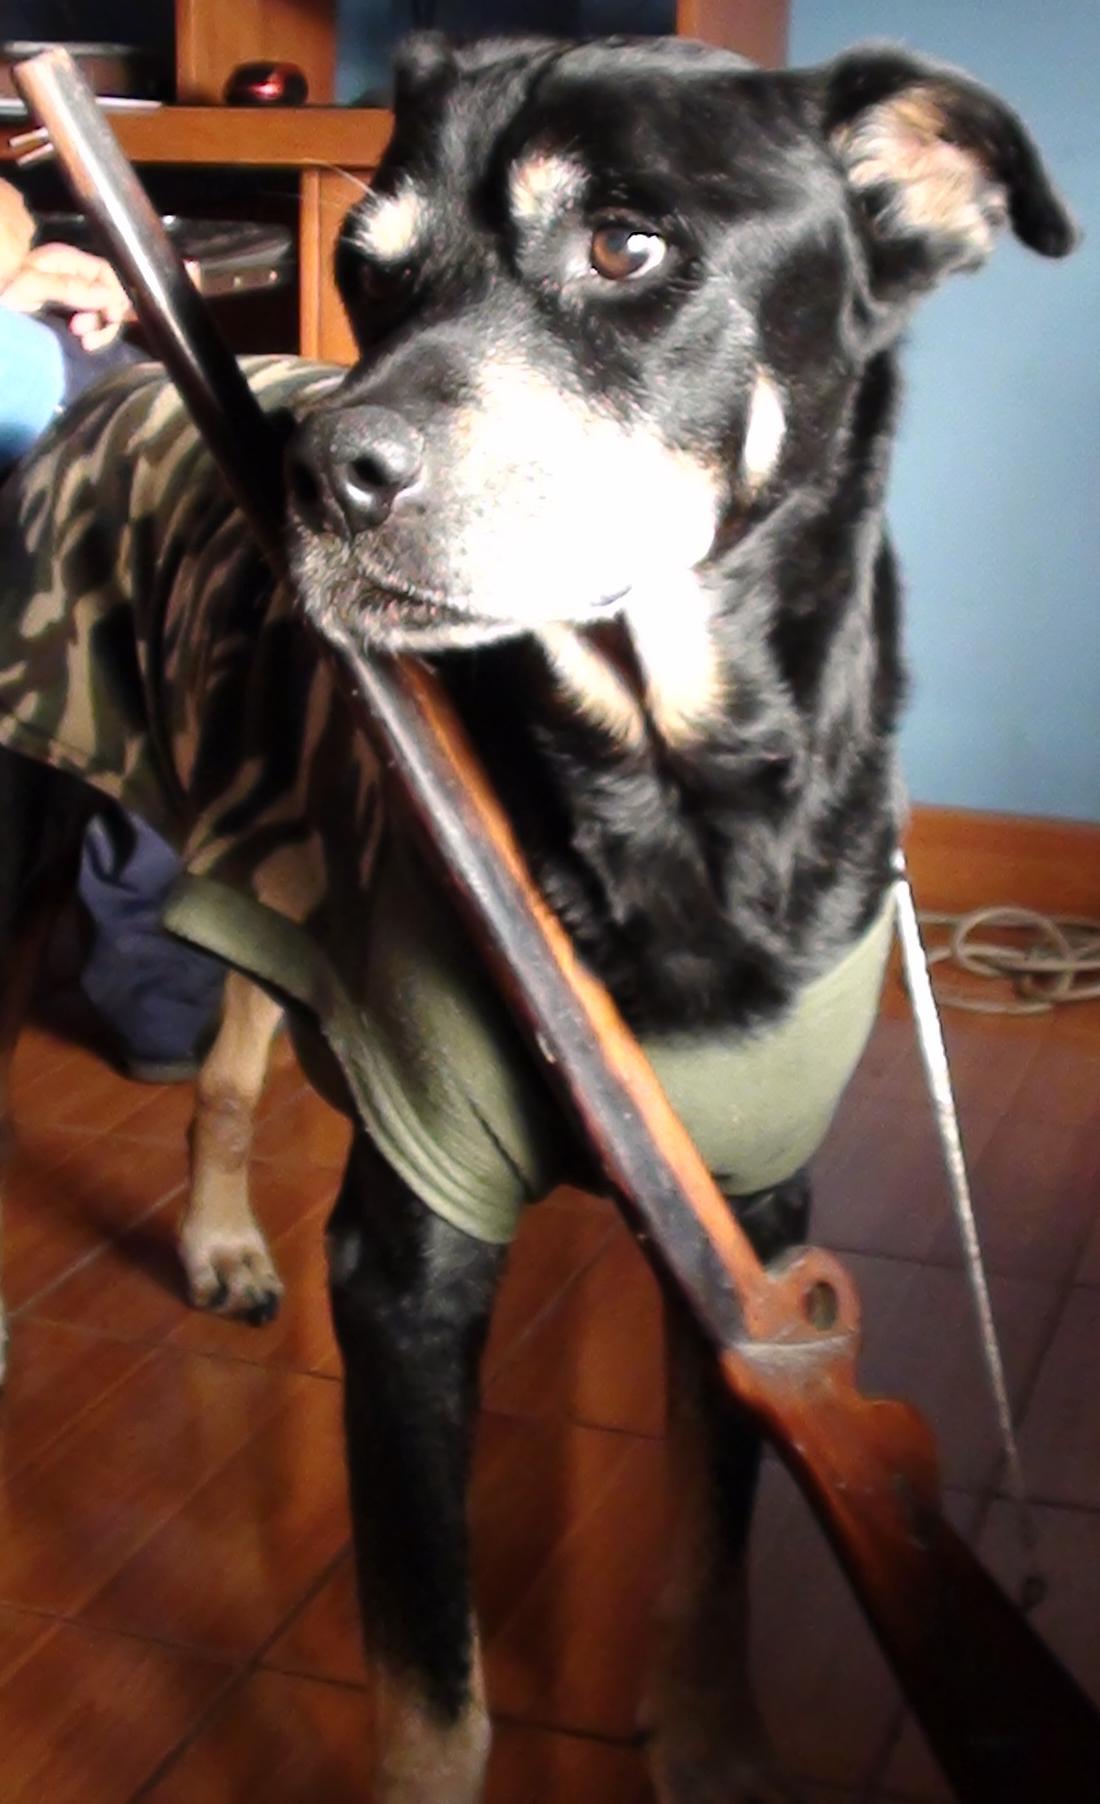 soldier!